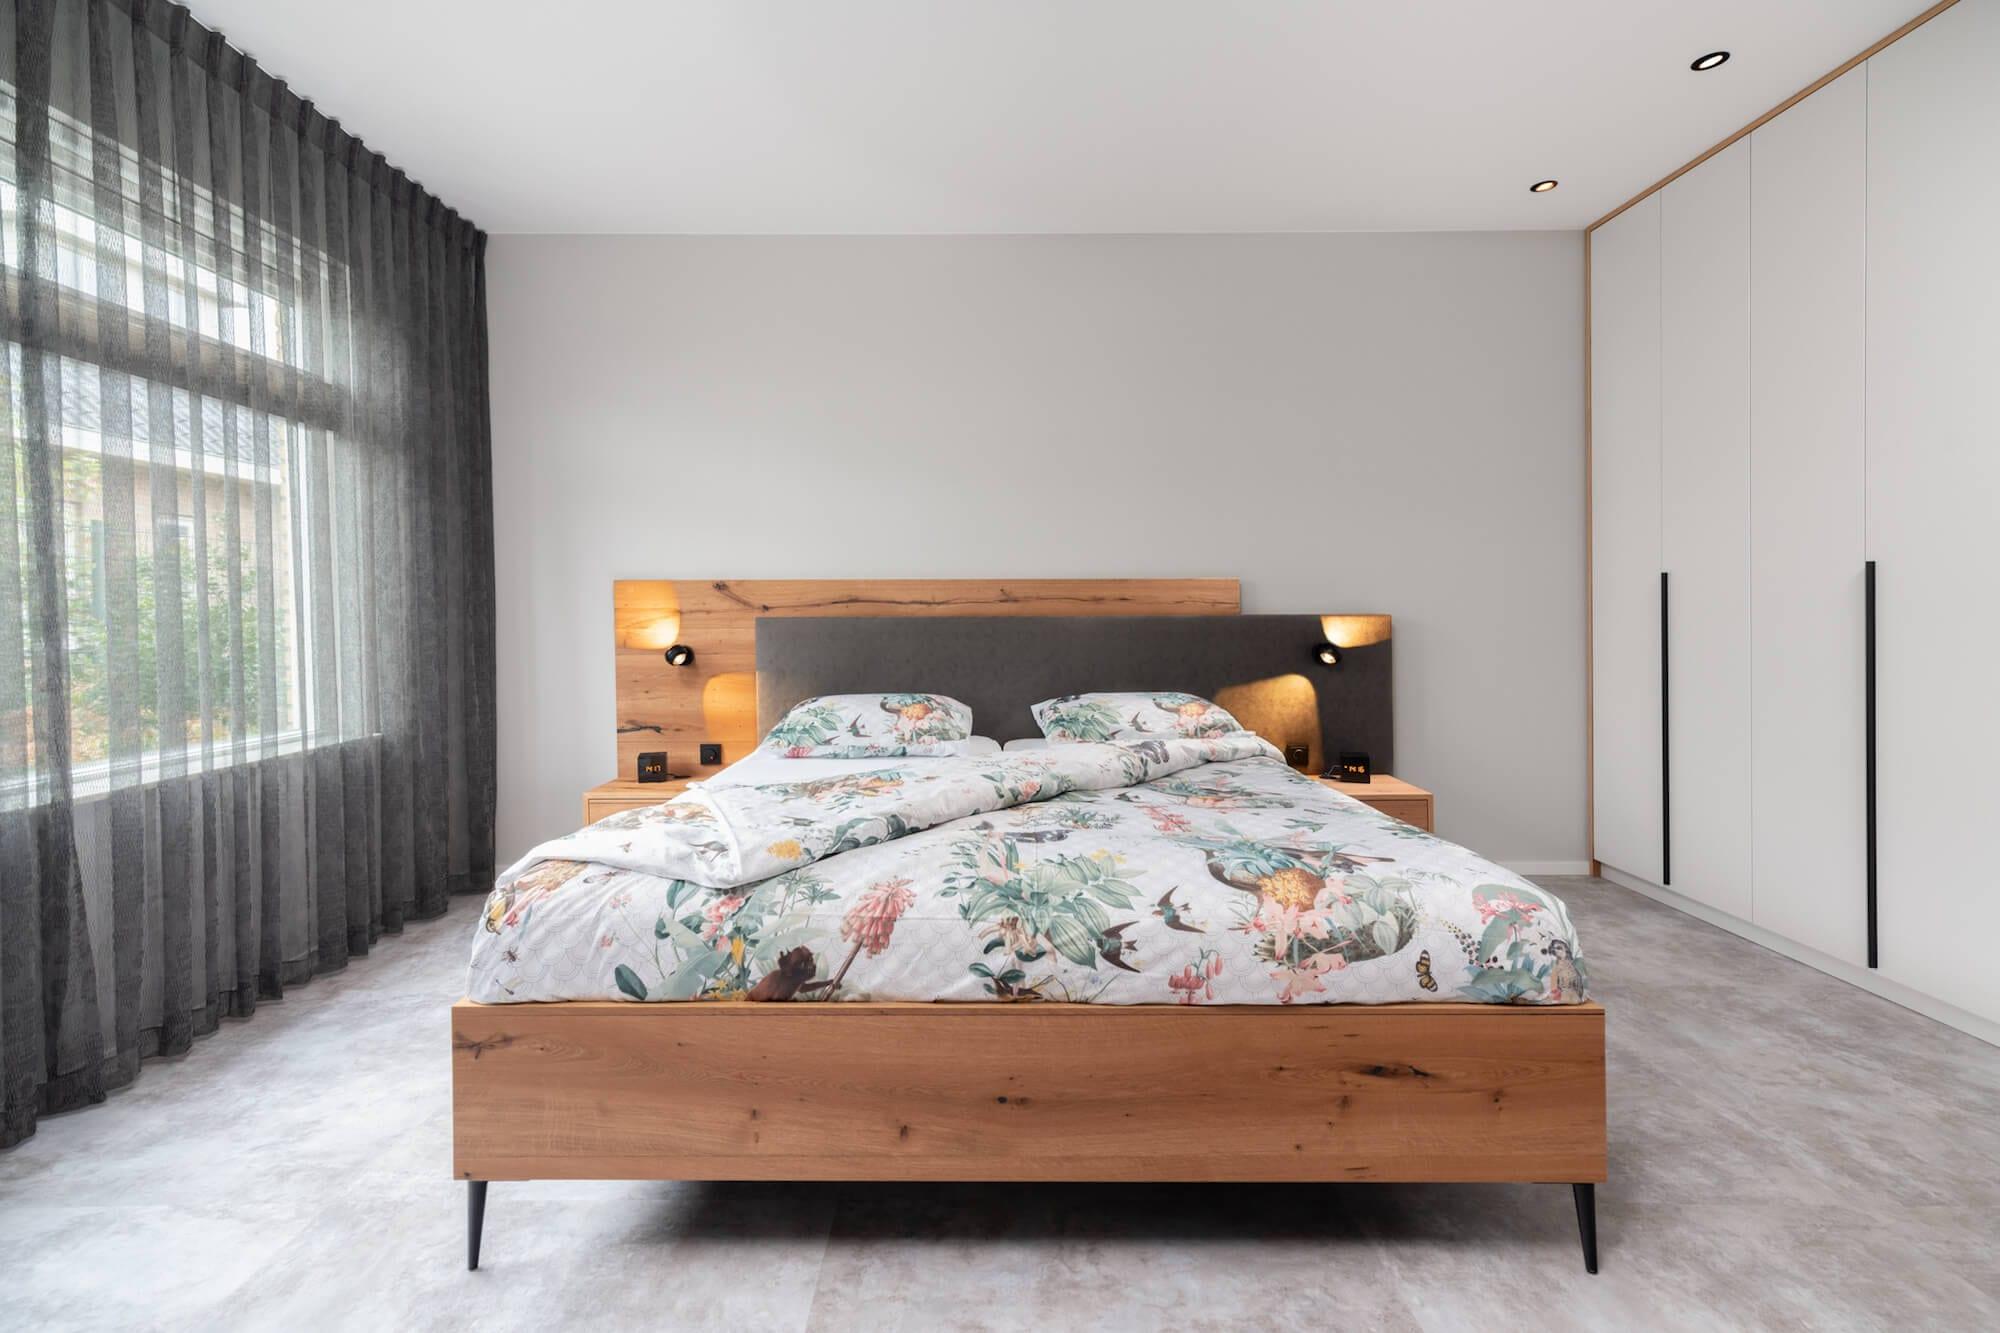 houten bed met kleurrijk dekbedovertrek